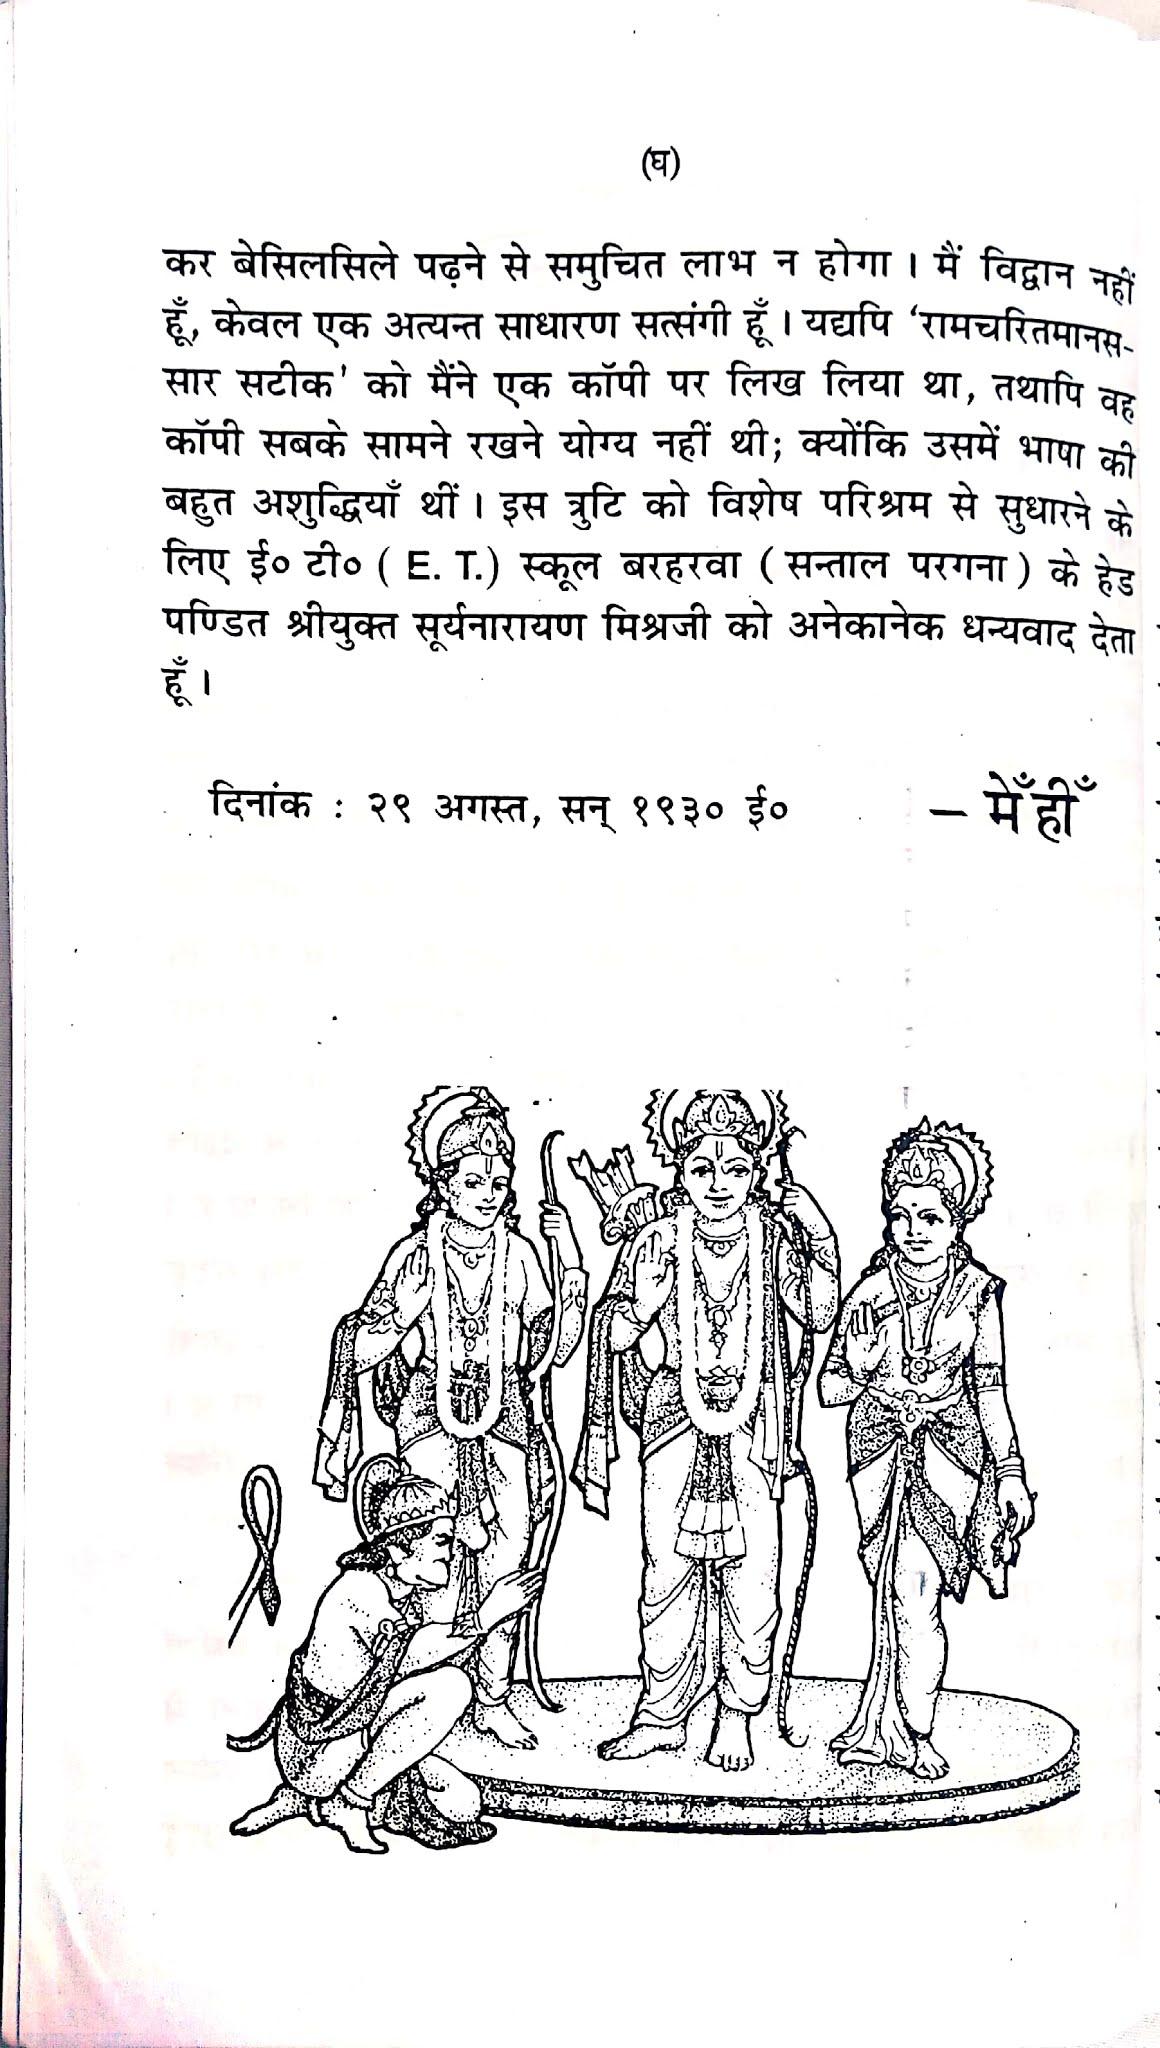 महर्षि साहित्य 'रामचरितमानस-सार सटीक' एक परिचय व ऑनलाइन बिक्री । रामचरितमानस भूमिका समाप्त